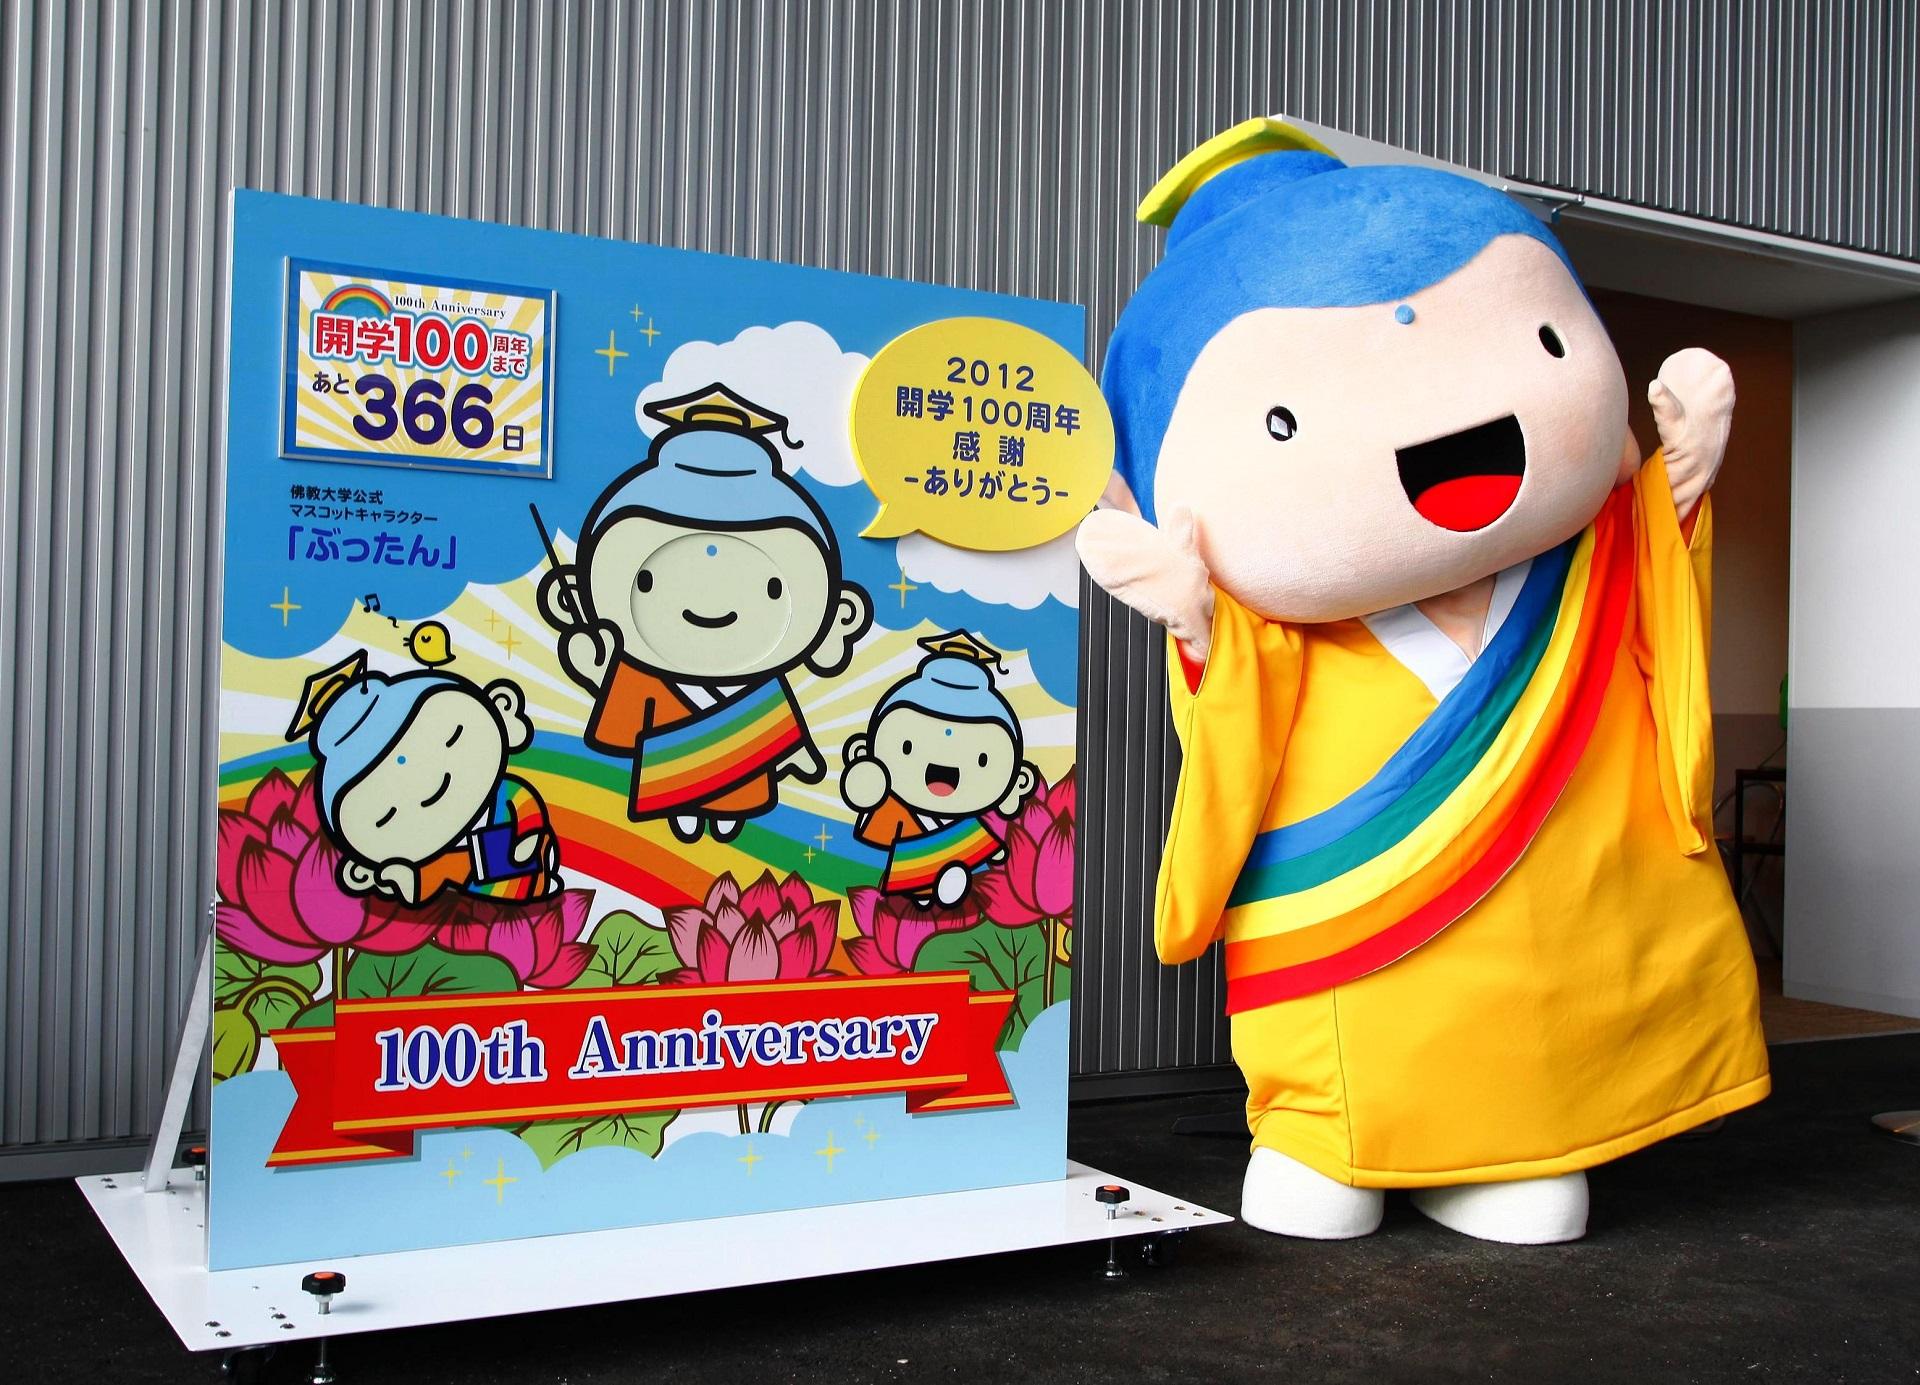 佛教大学公式マスコットキャラクター「ぶったん」誕生 -- 「ぶったん」をモチーフにしたオリジナルグッズ新発売